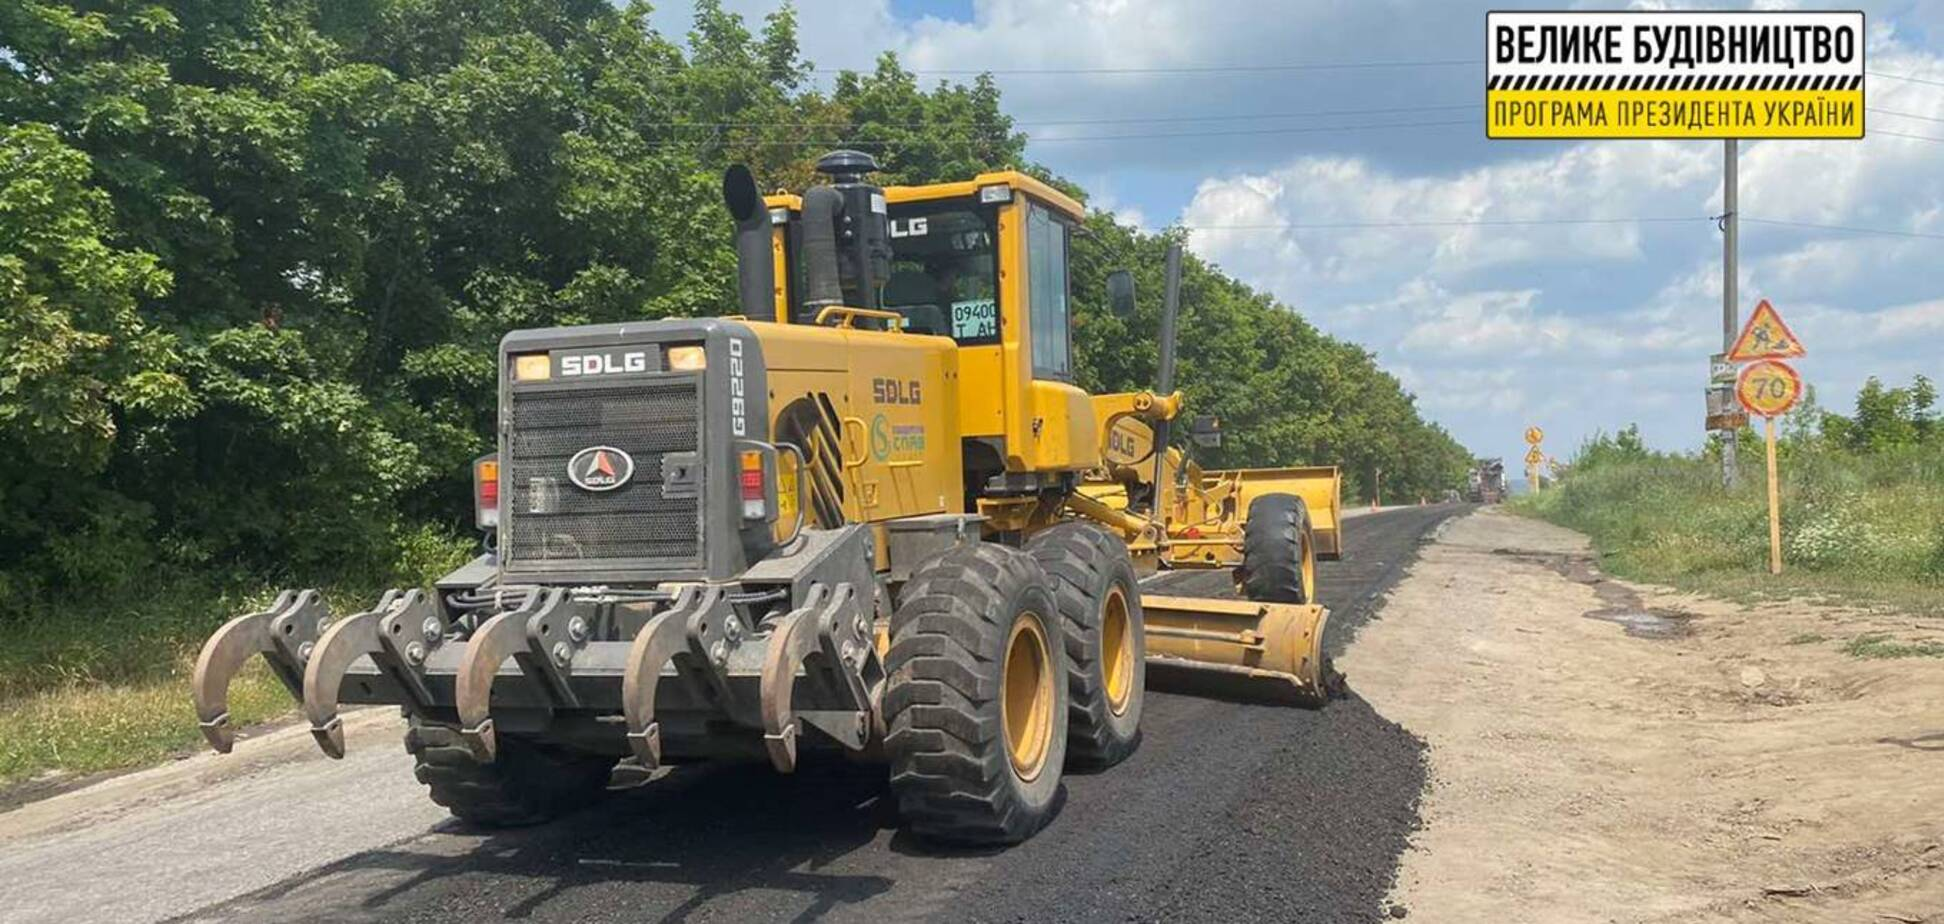 На Харьковщине в этом году отремонтируют дорогу в санаторий 'Березовские минеральные воды'